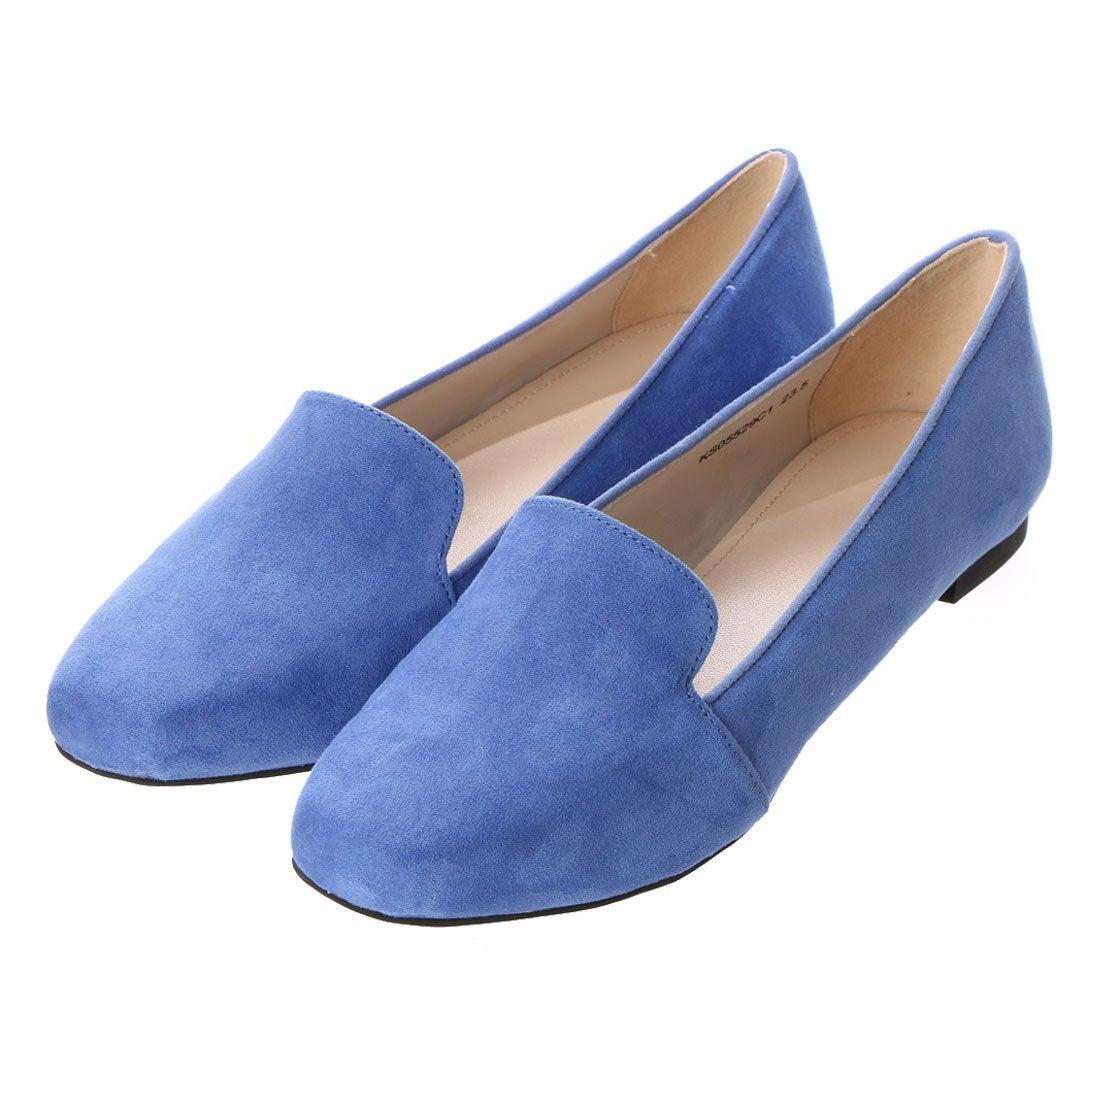 ランダ RANDA 【ストレスフリー】オペラフラットシューズ (BLUE) レディース